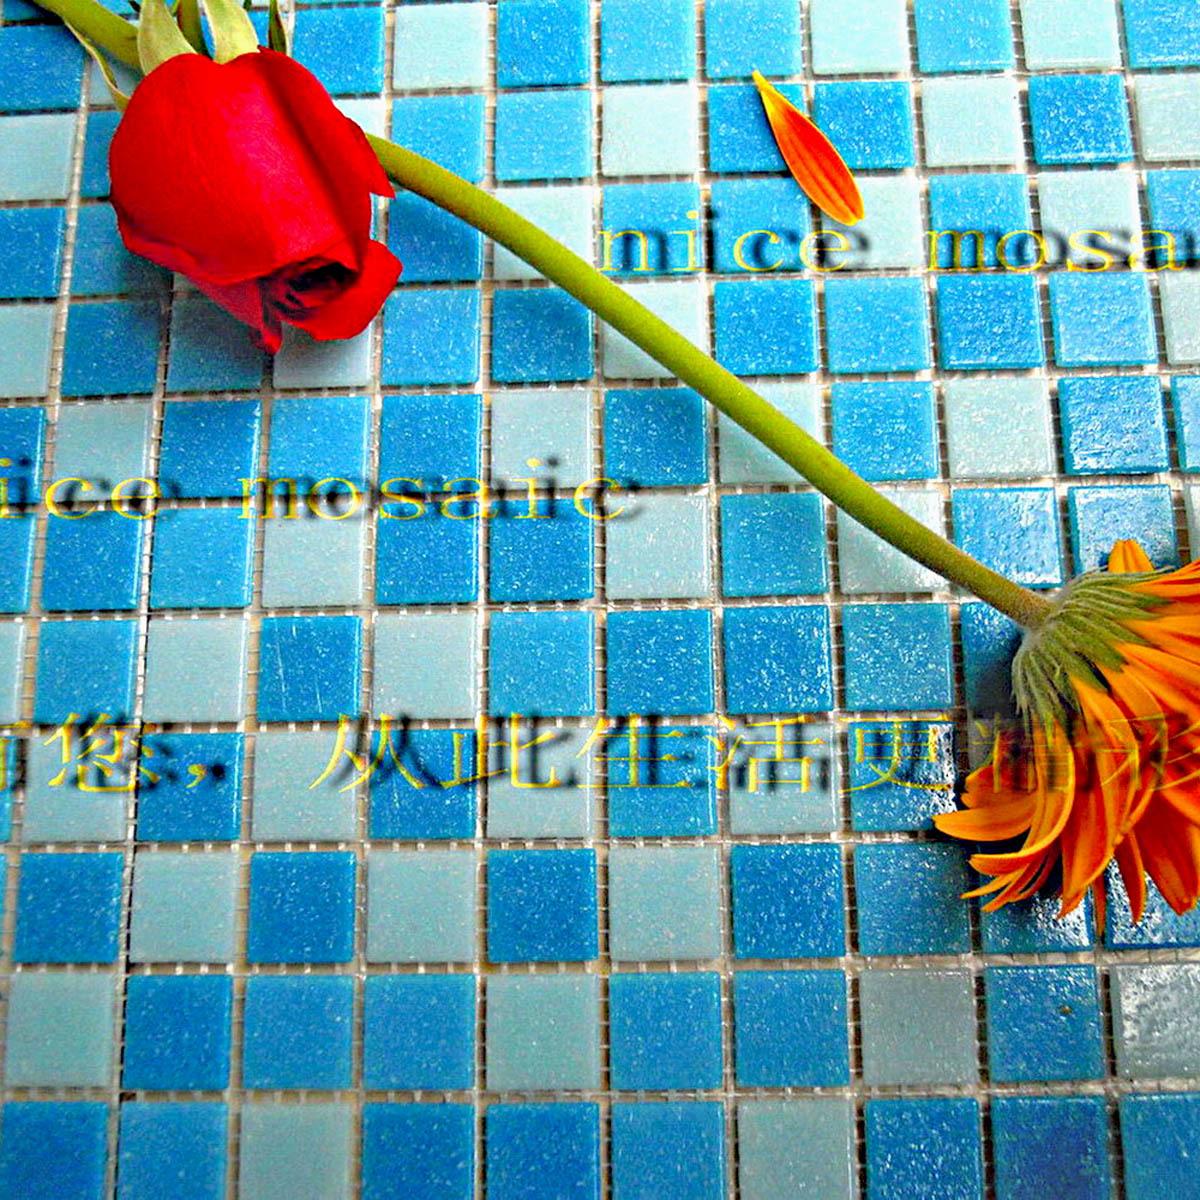 Cristal Del Mosaico Azulejos Bano Papel Piece